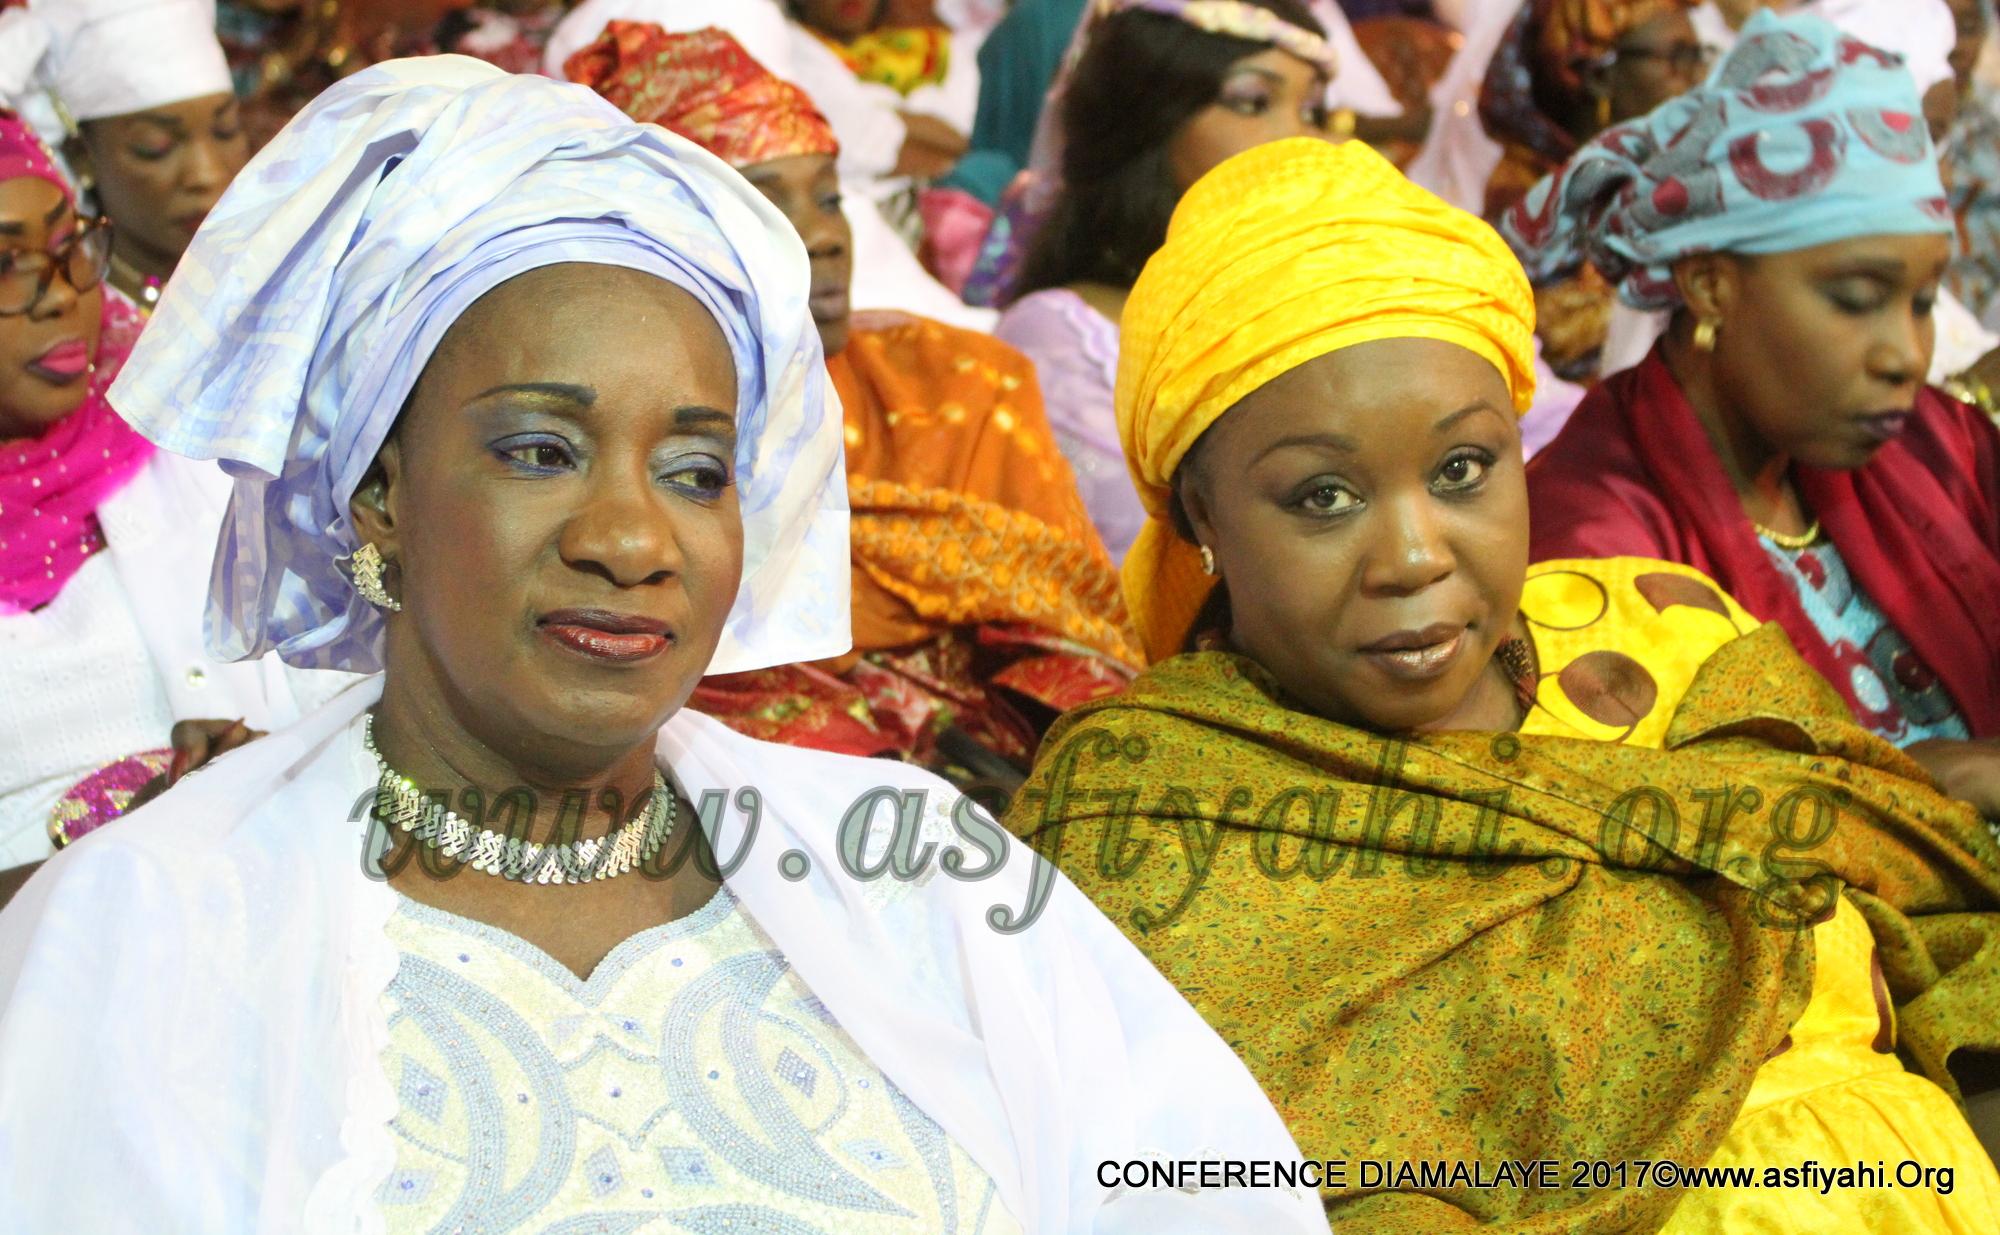 PHOTOS - Journées de prières du DAHIRA MOUTAHABINA FILAHI : Diamalaye dans la ferveur religieuse. Retour en Images